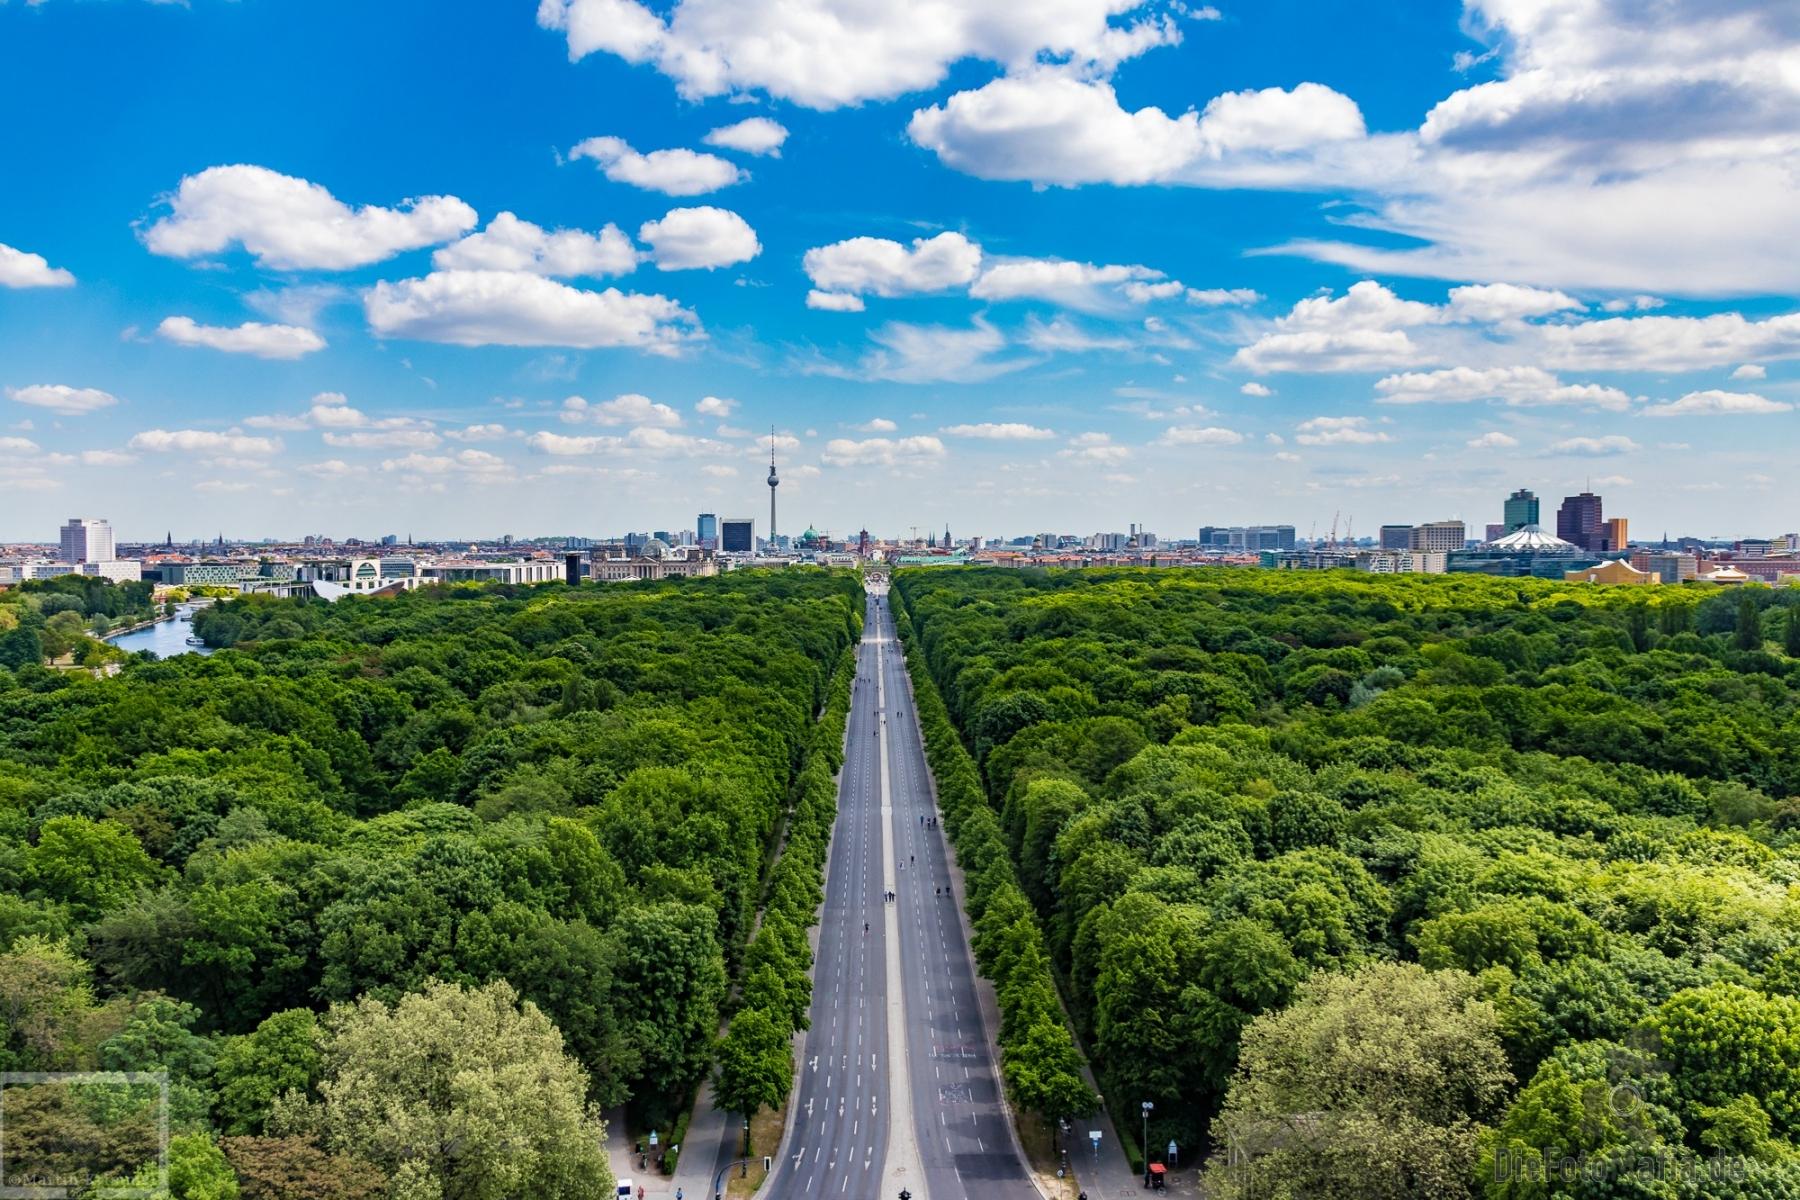 Prachtstraße durch den Tiergarten, im Hintergrund das Brandenburger Tor